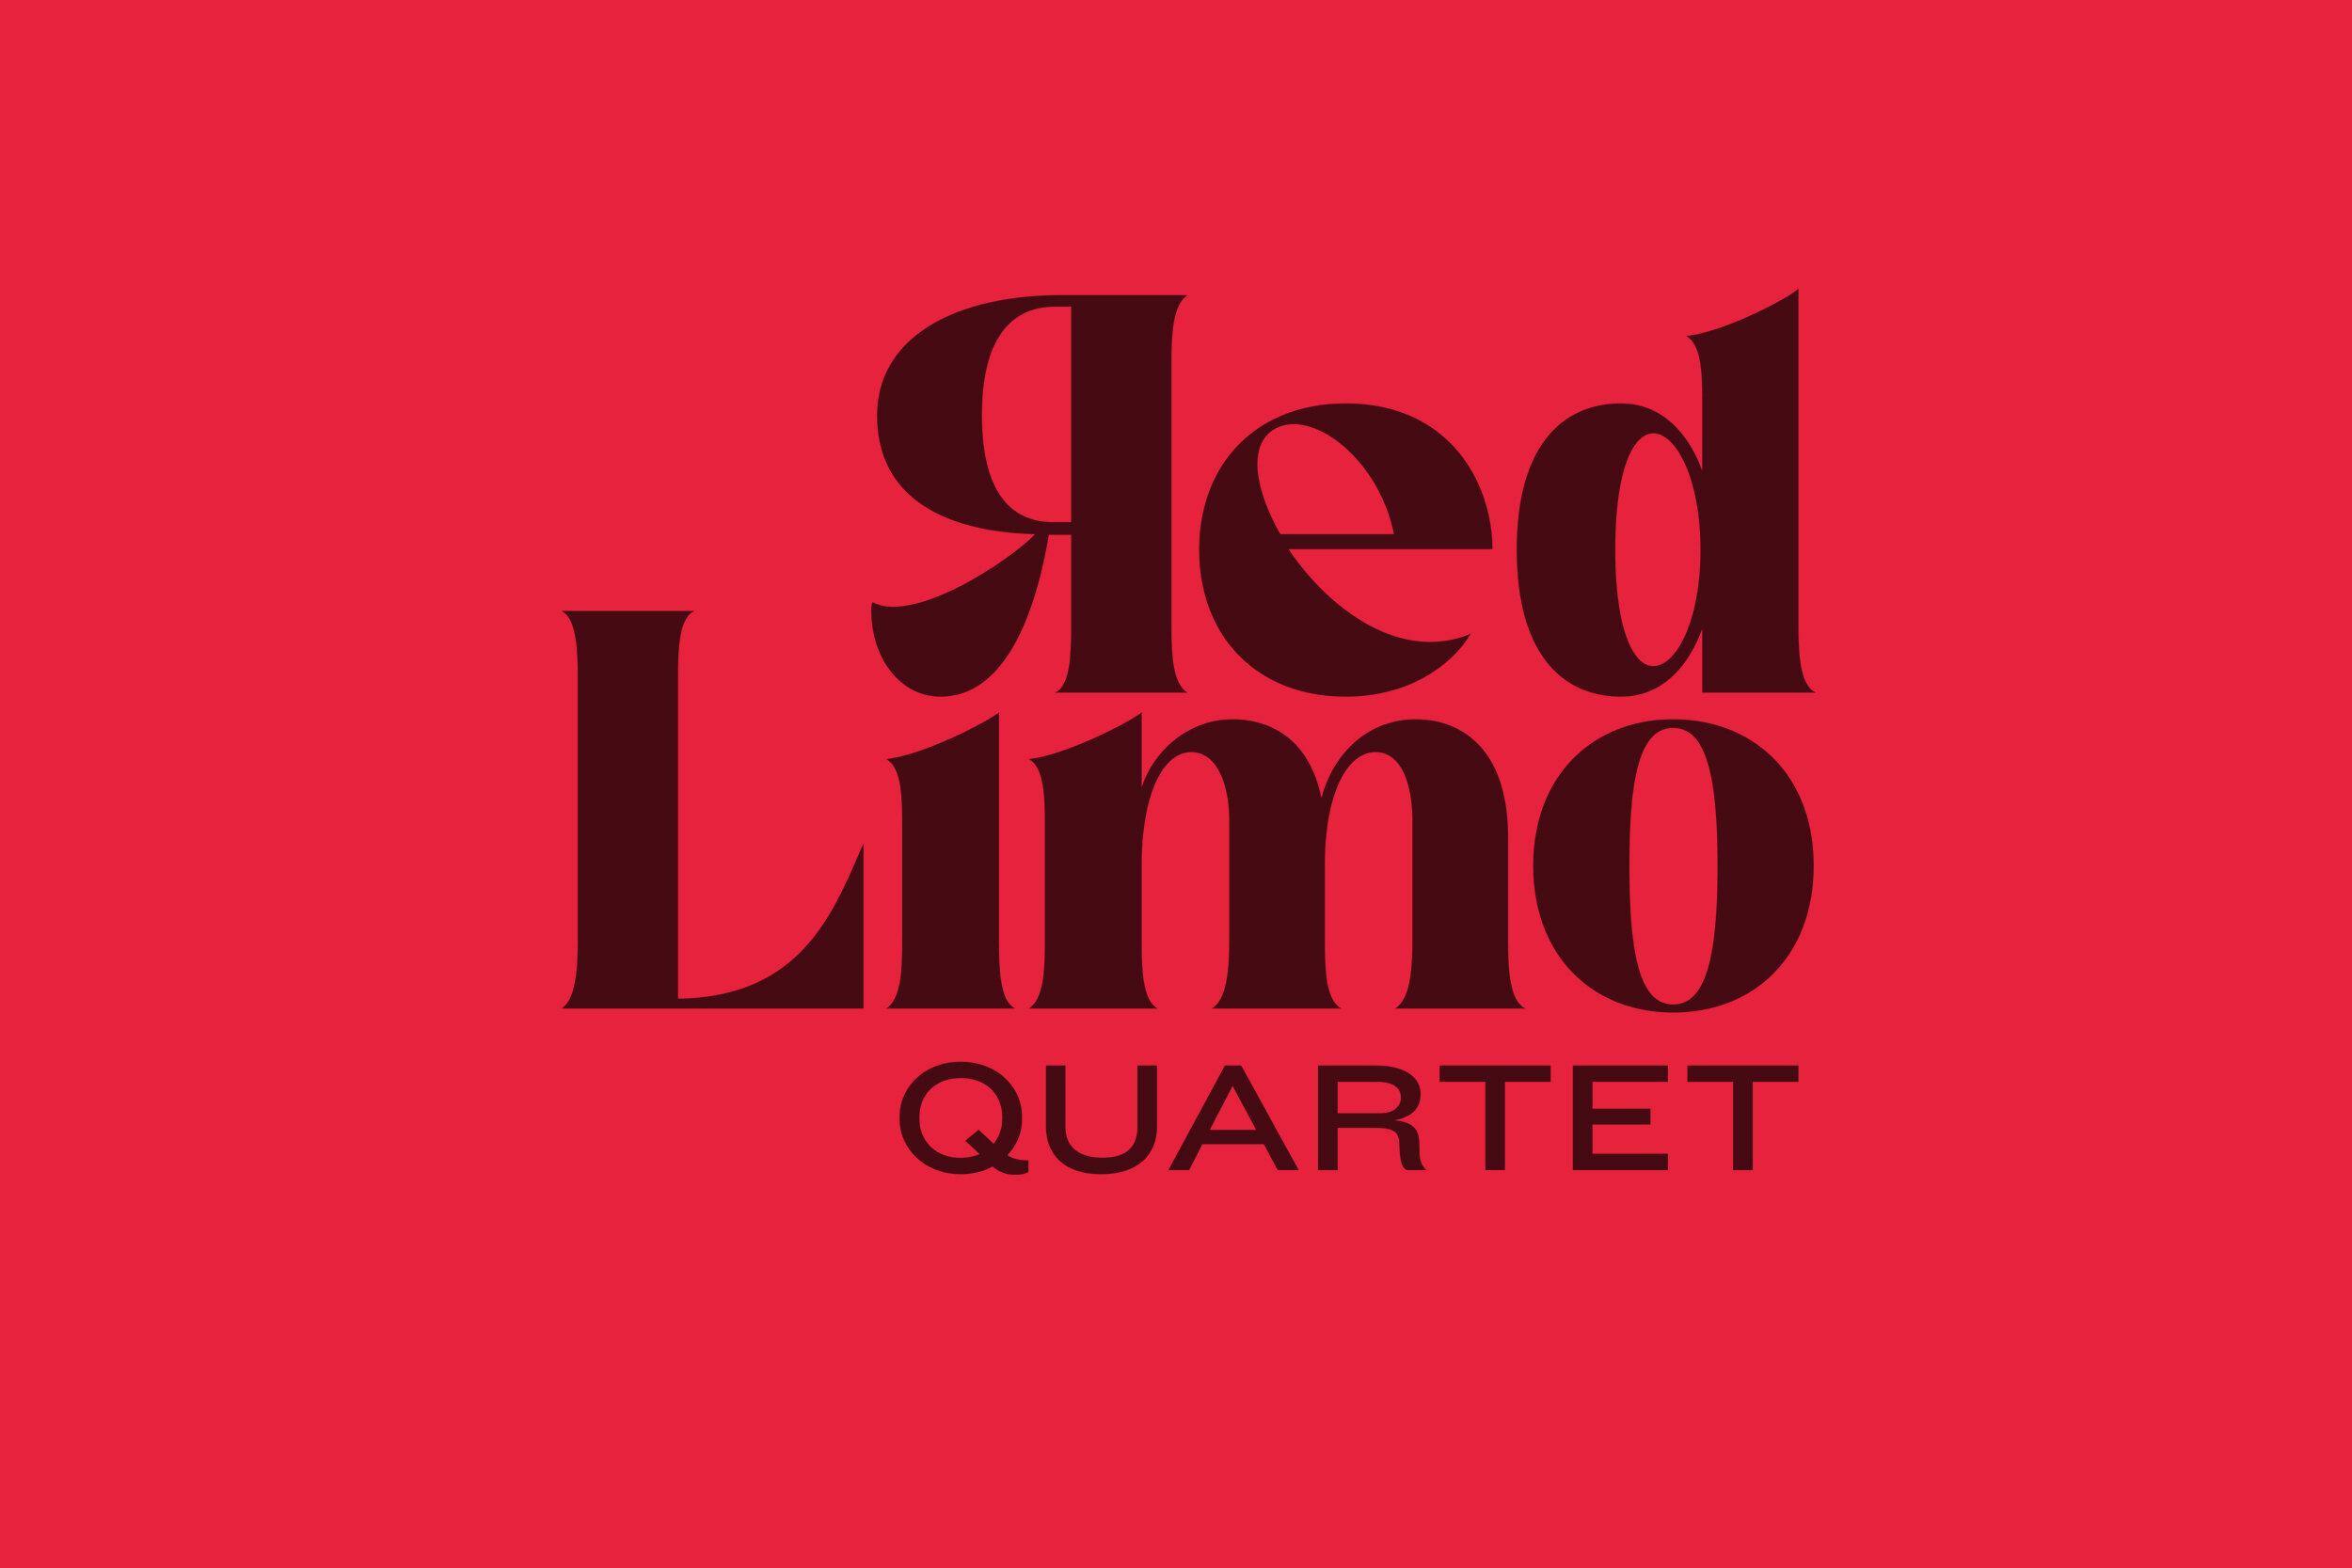 Logo_RedLimoQuartet_Shortlife.jpg